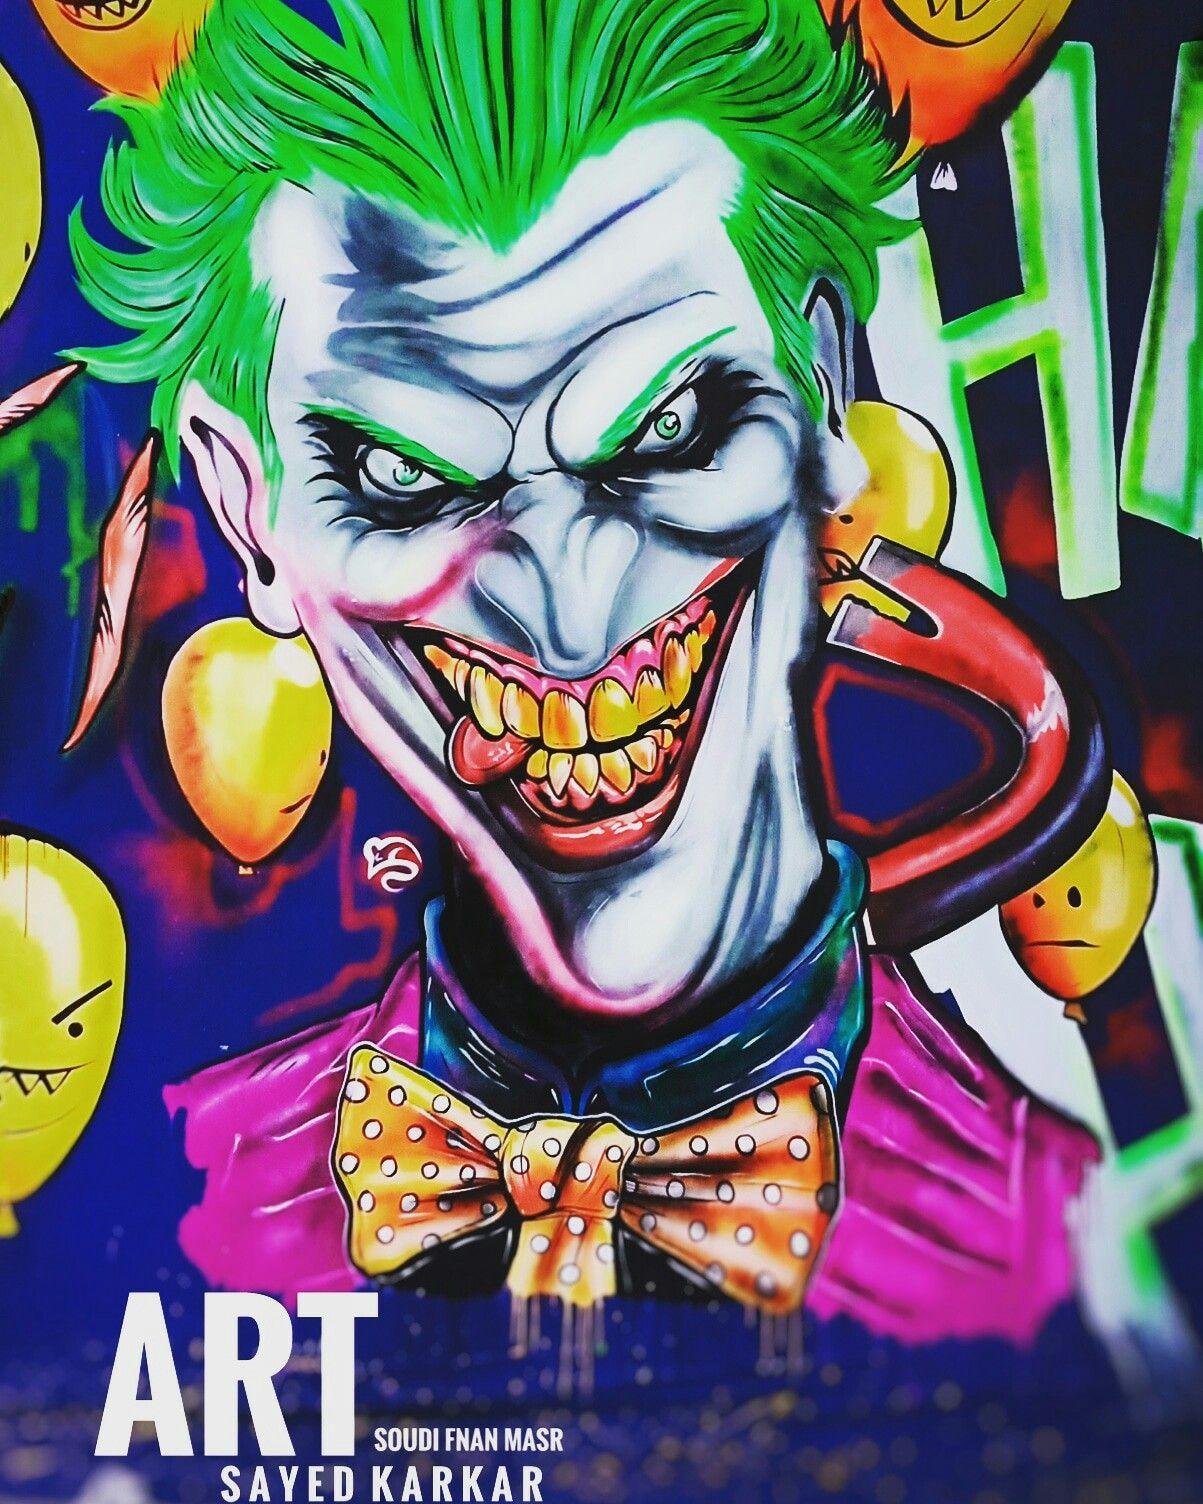 Joker Art رسم جرافيتي فسفوري Graffiti Art Graffiti Cellphone Wallpaper